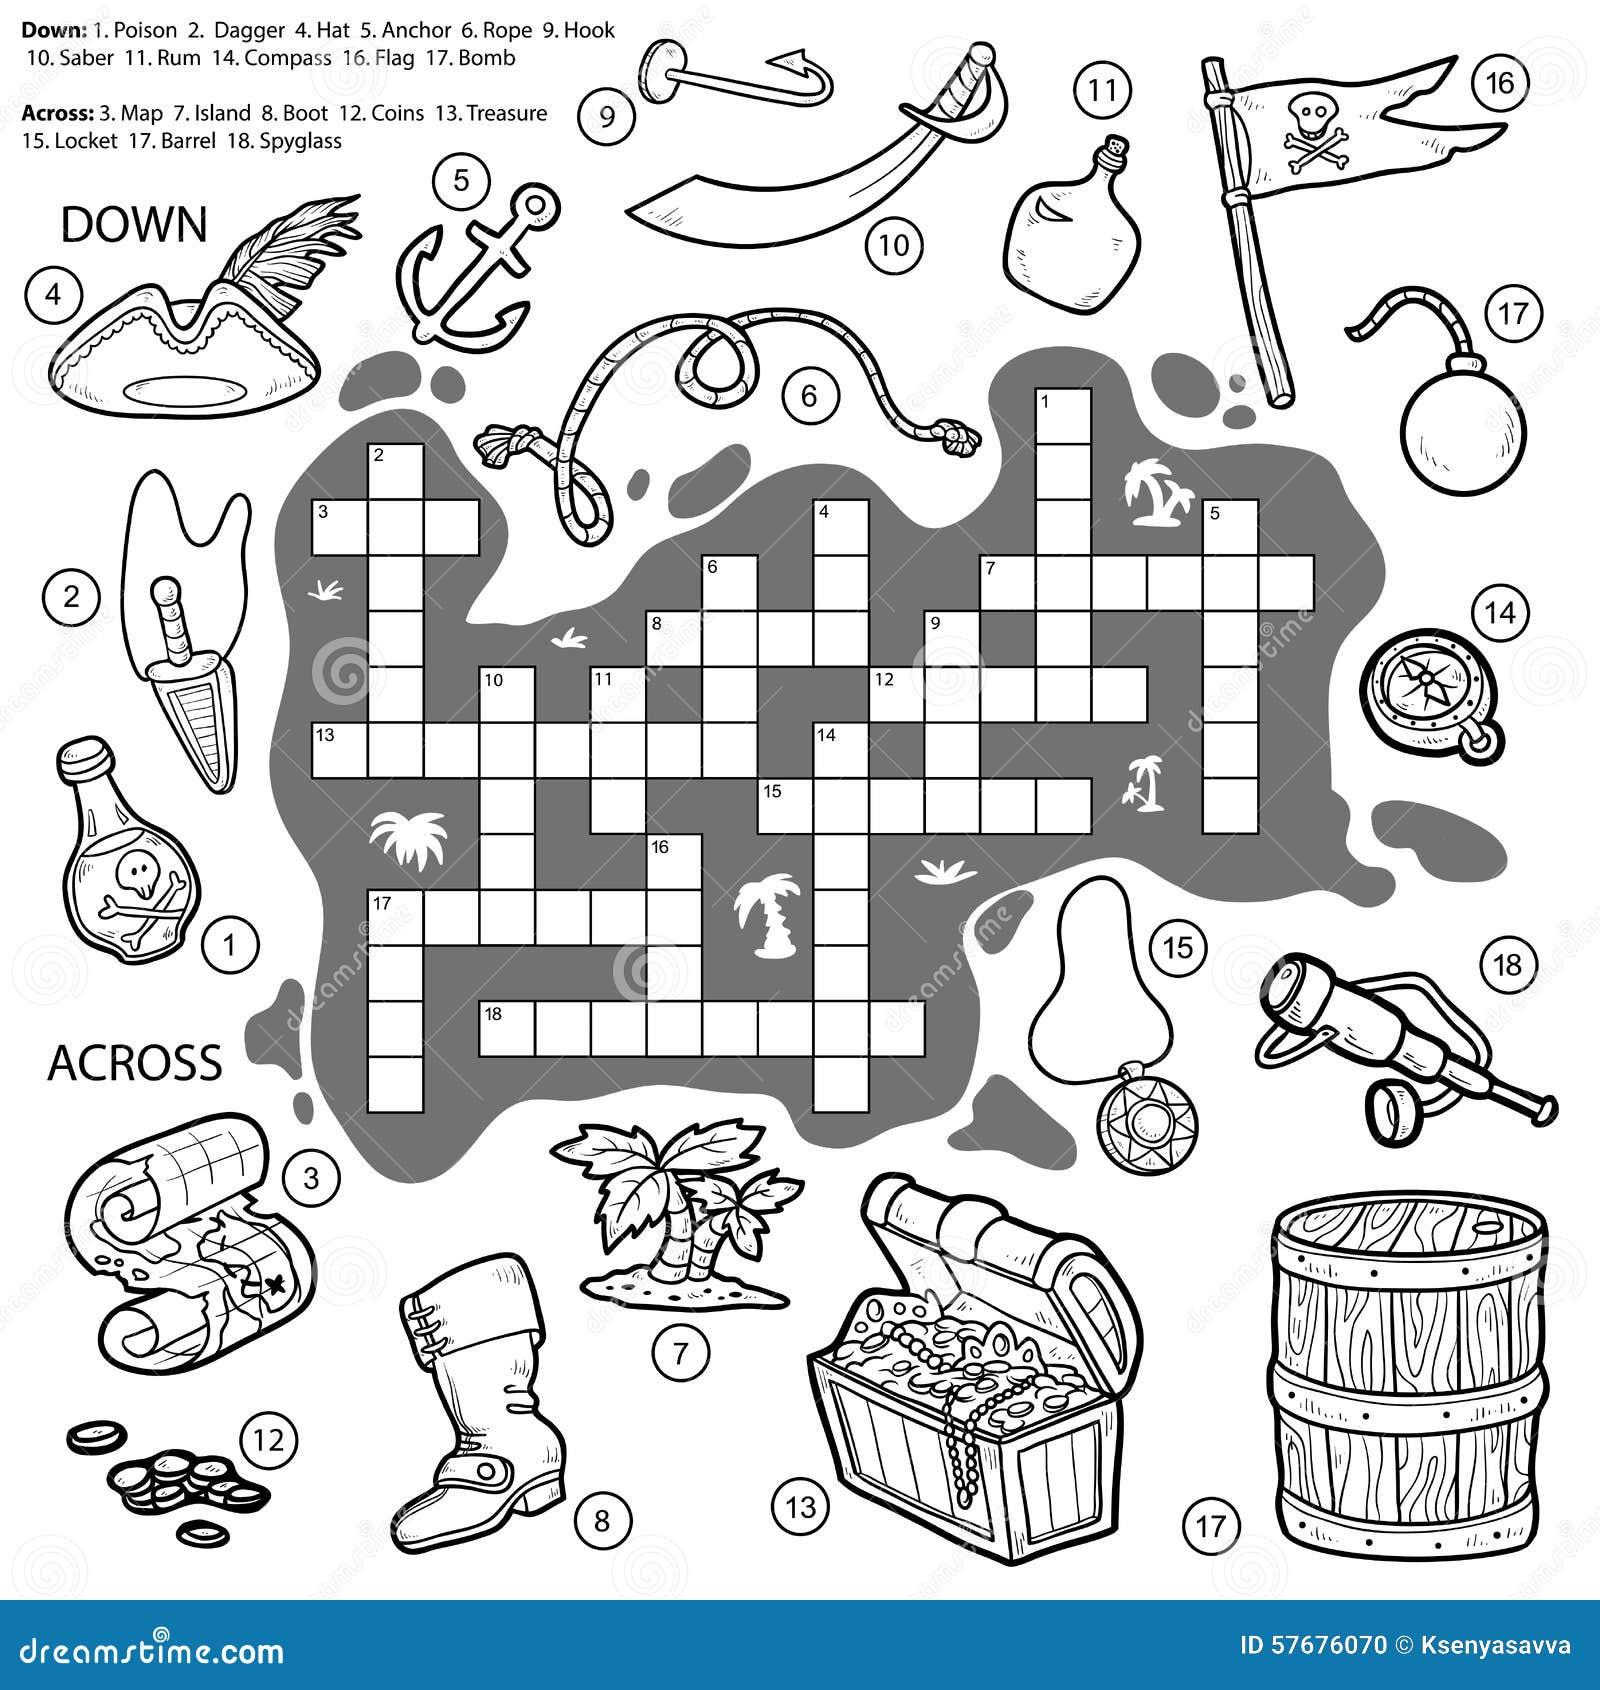 Vector Farbloses Kreuzwortru00e4tsel, Bildungsspiel u00fcber Piraten Vektor Abbildung - Bild: 57676070